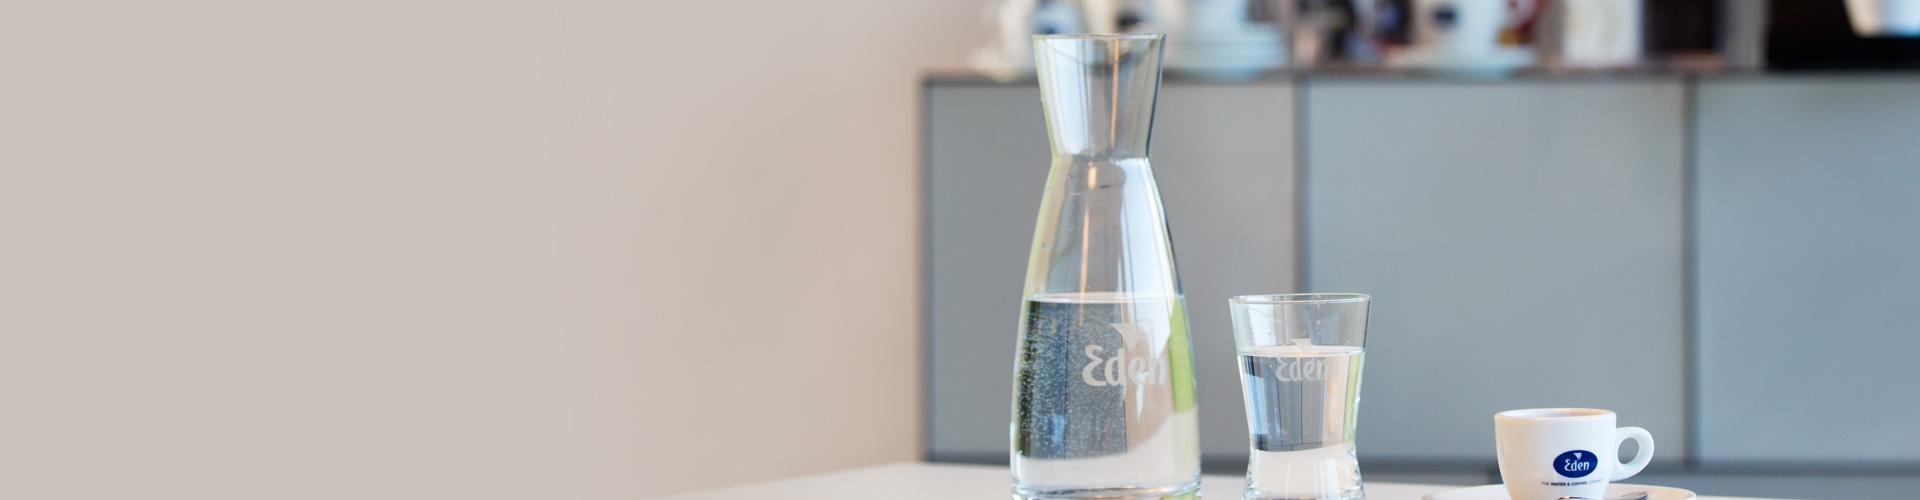 Acessórios para máquinas de água